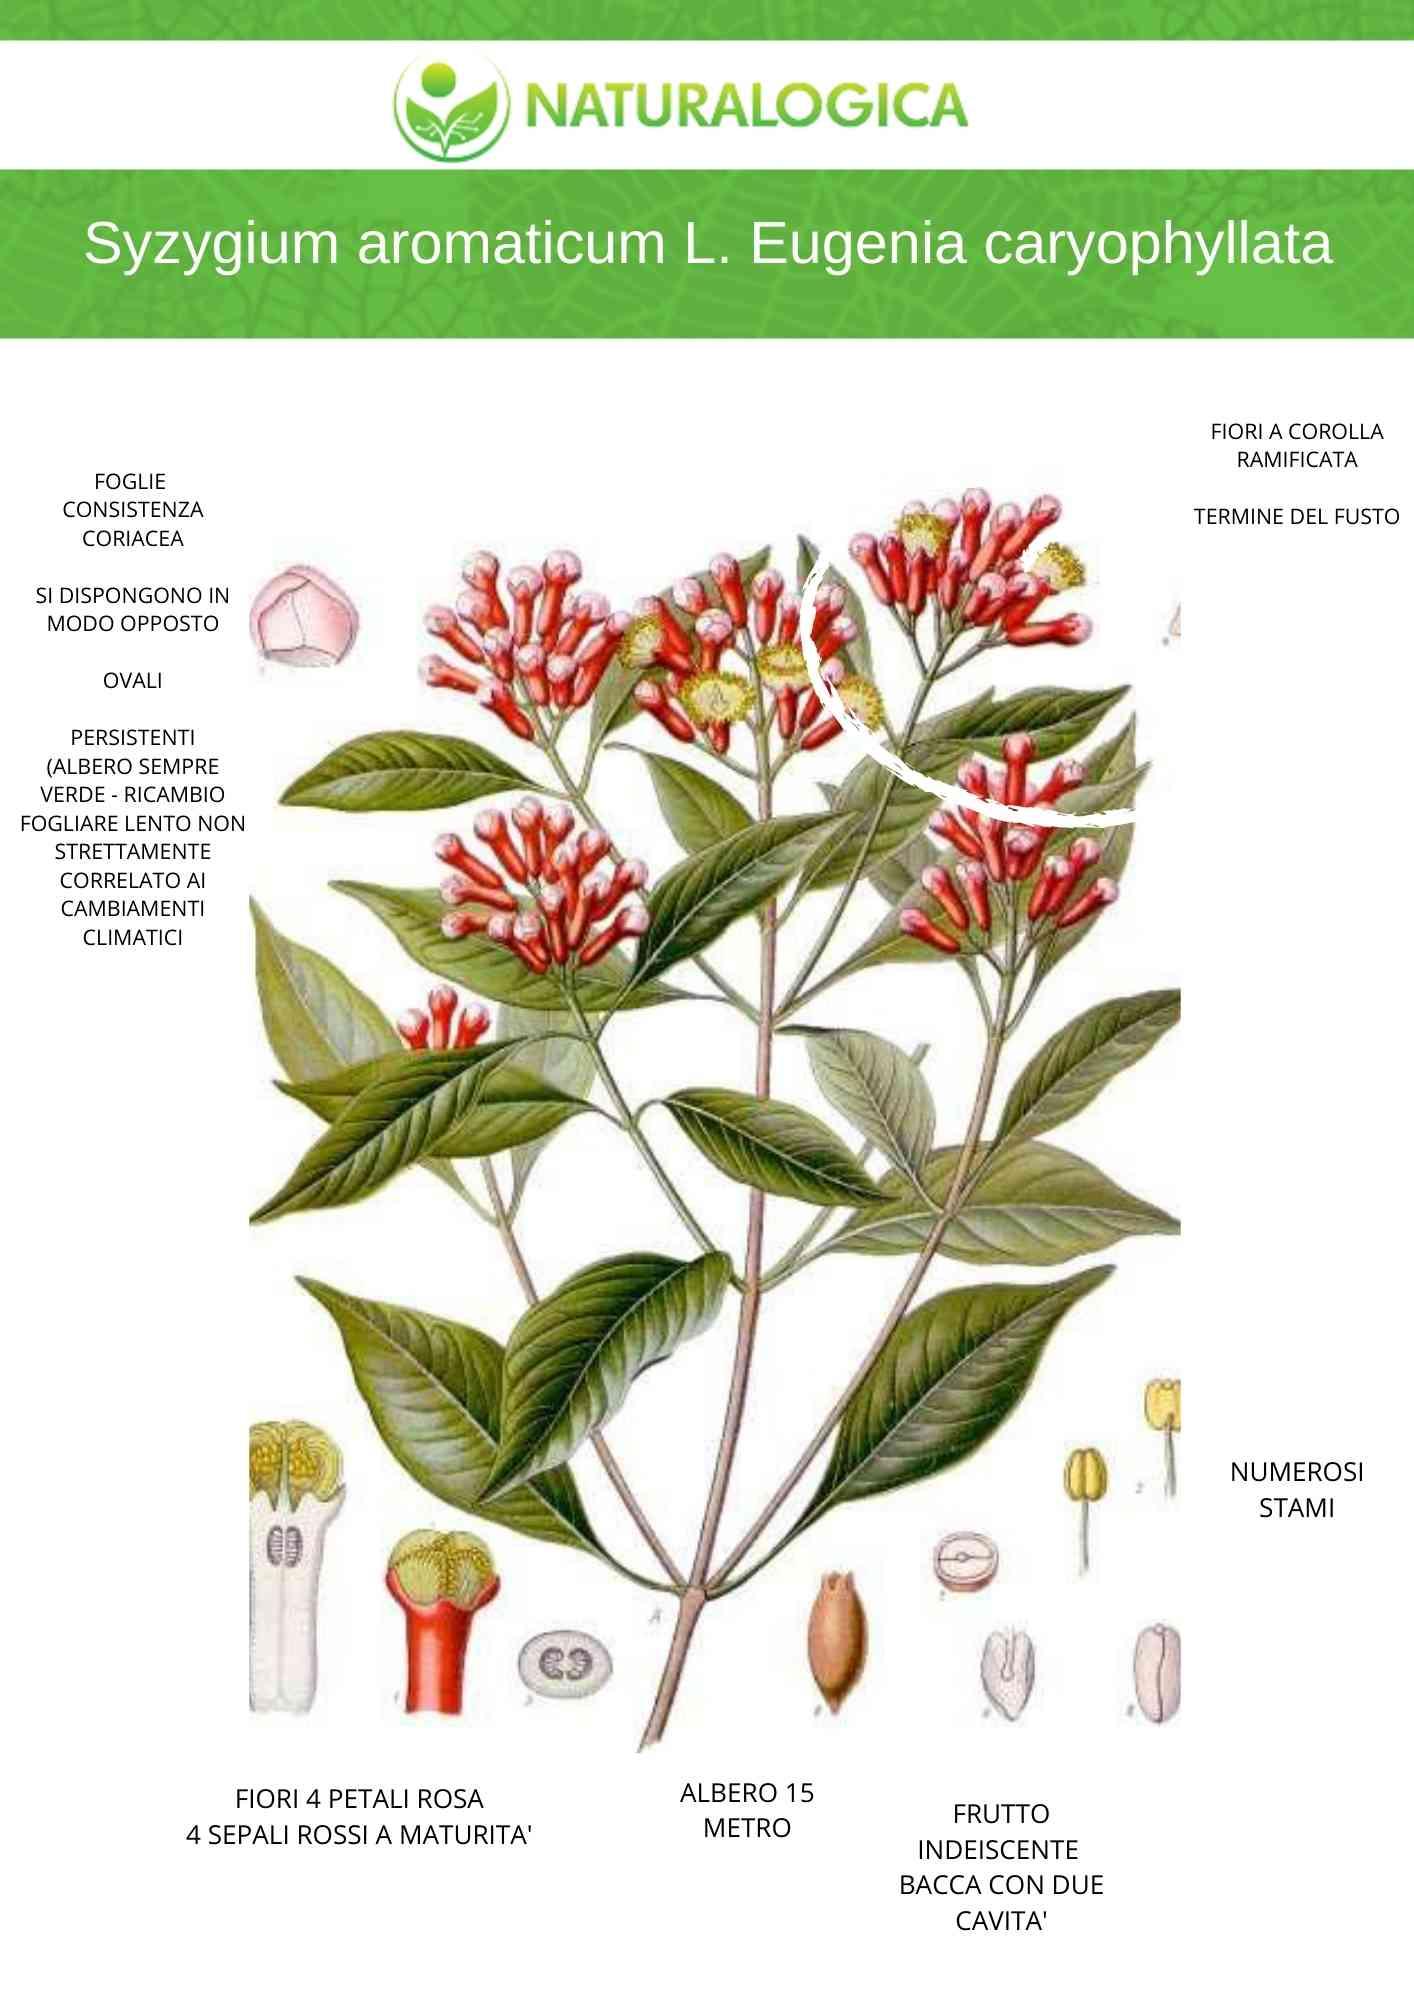 Chiodi di garofano la scheda botanica per capire i benefici